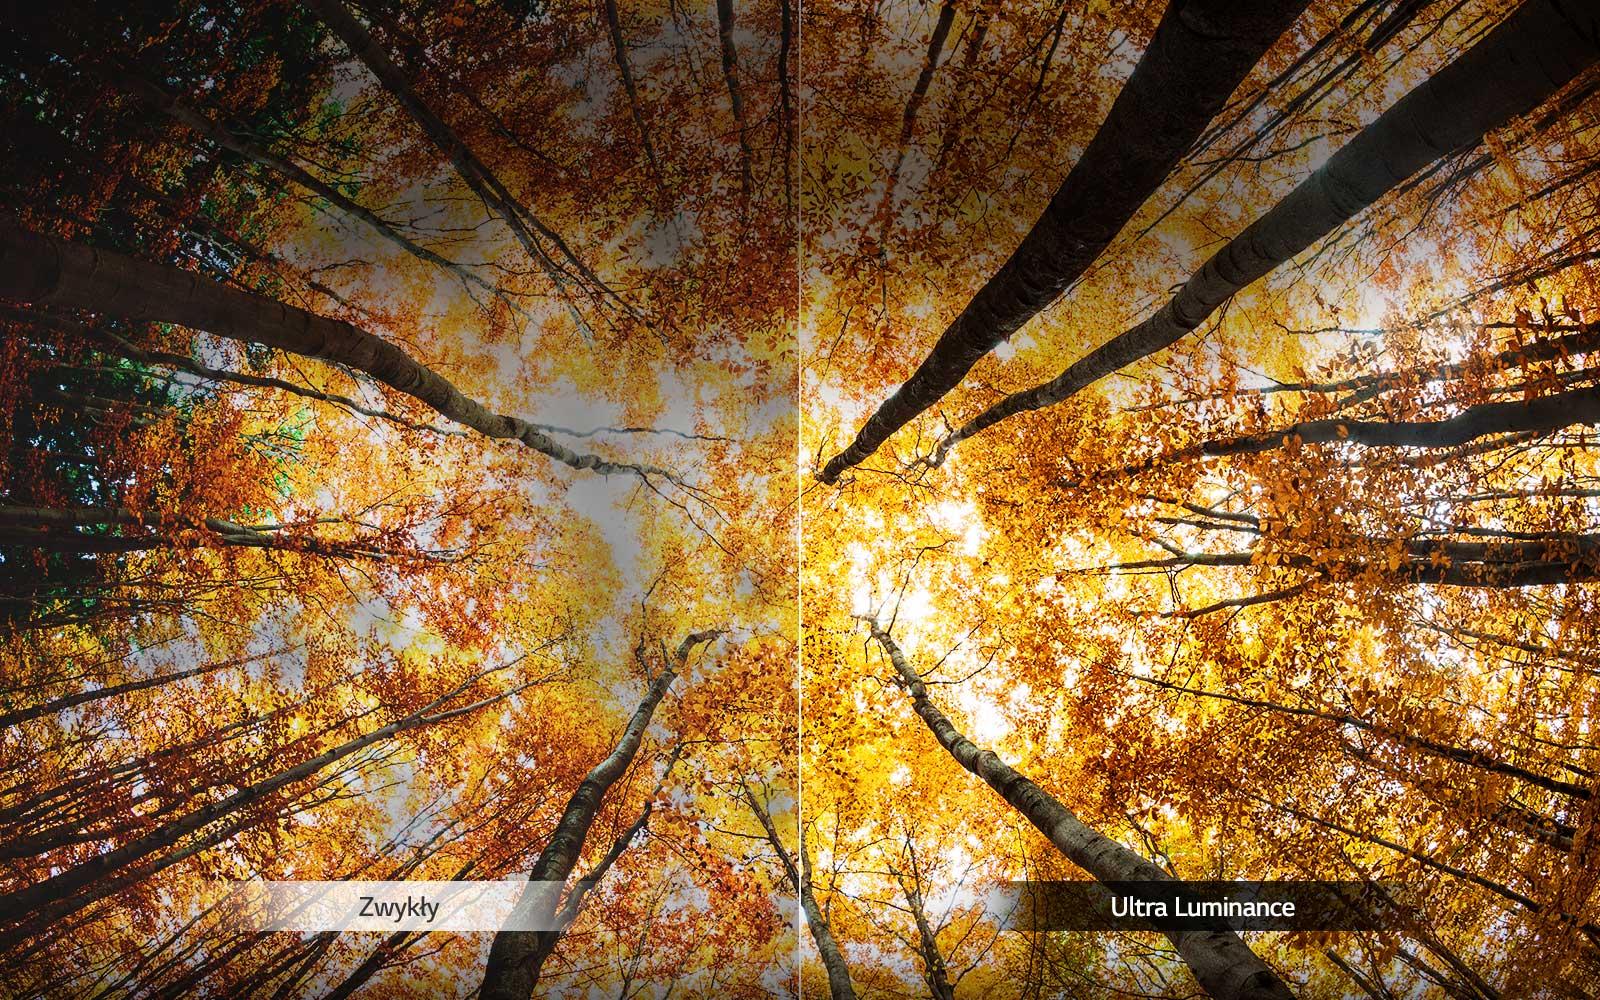 05_UK65_A_Ultra_Luminance_desktop